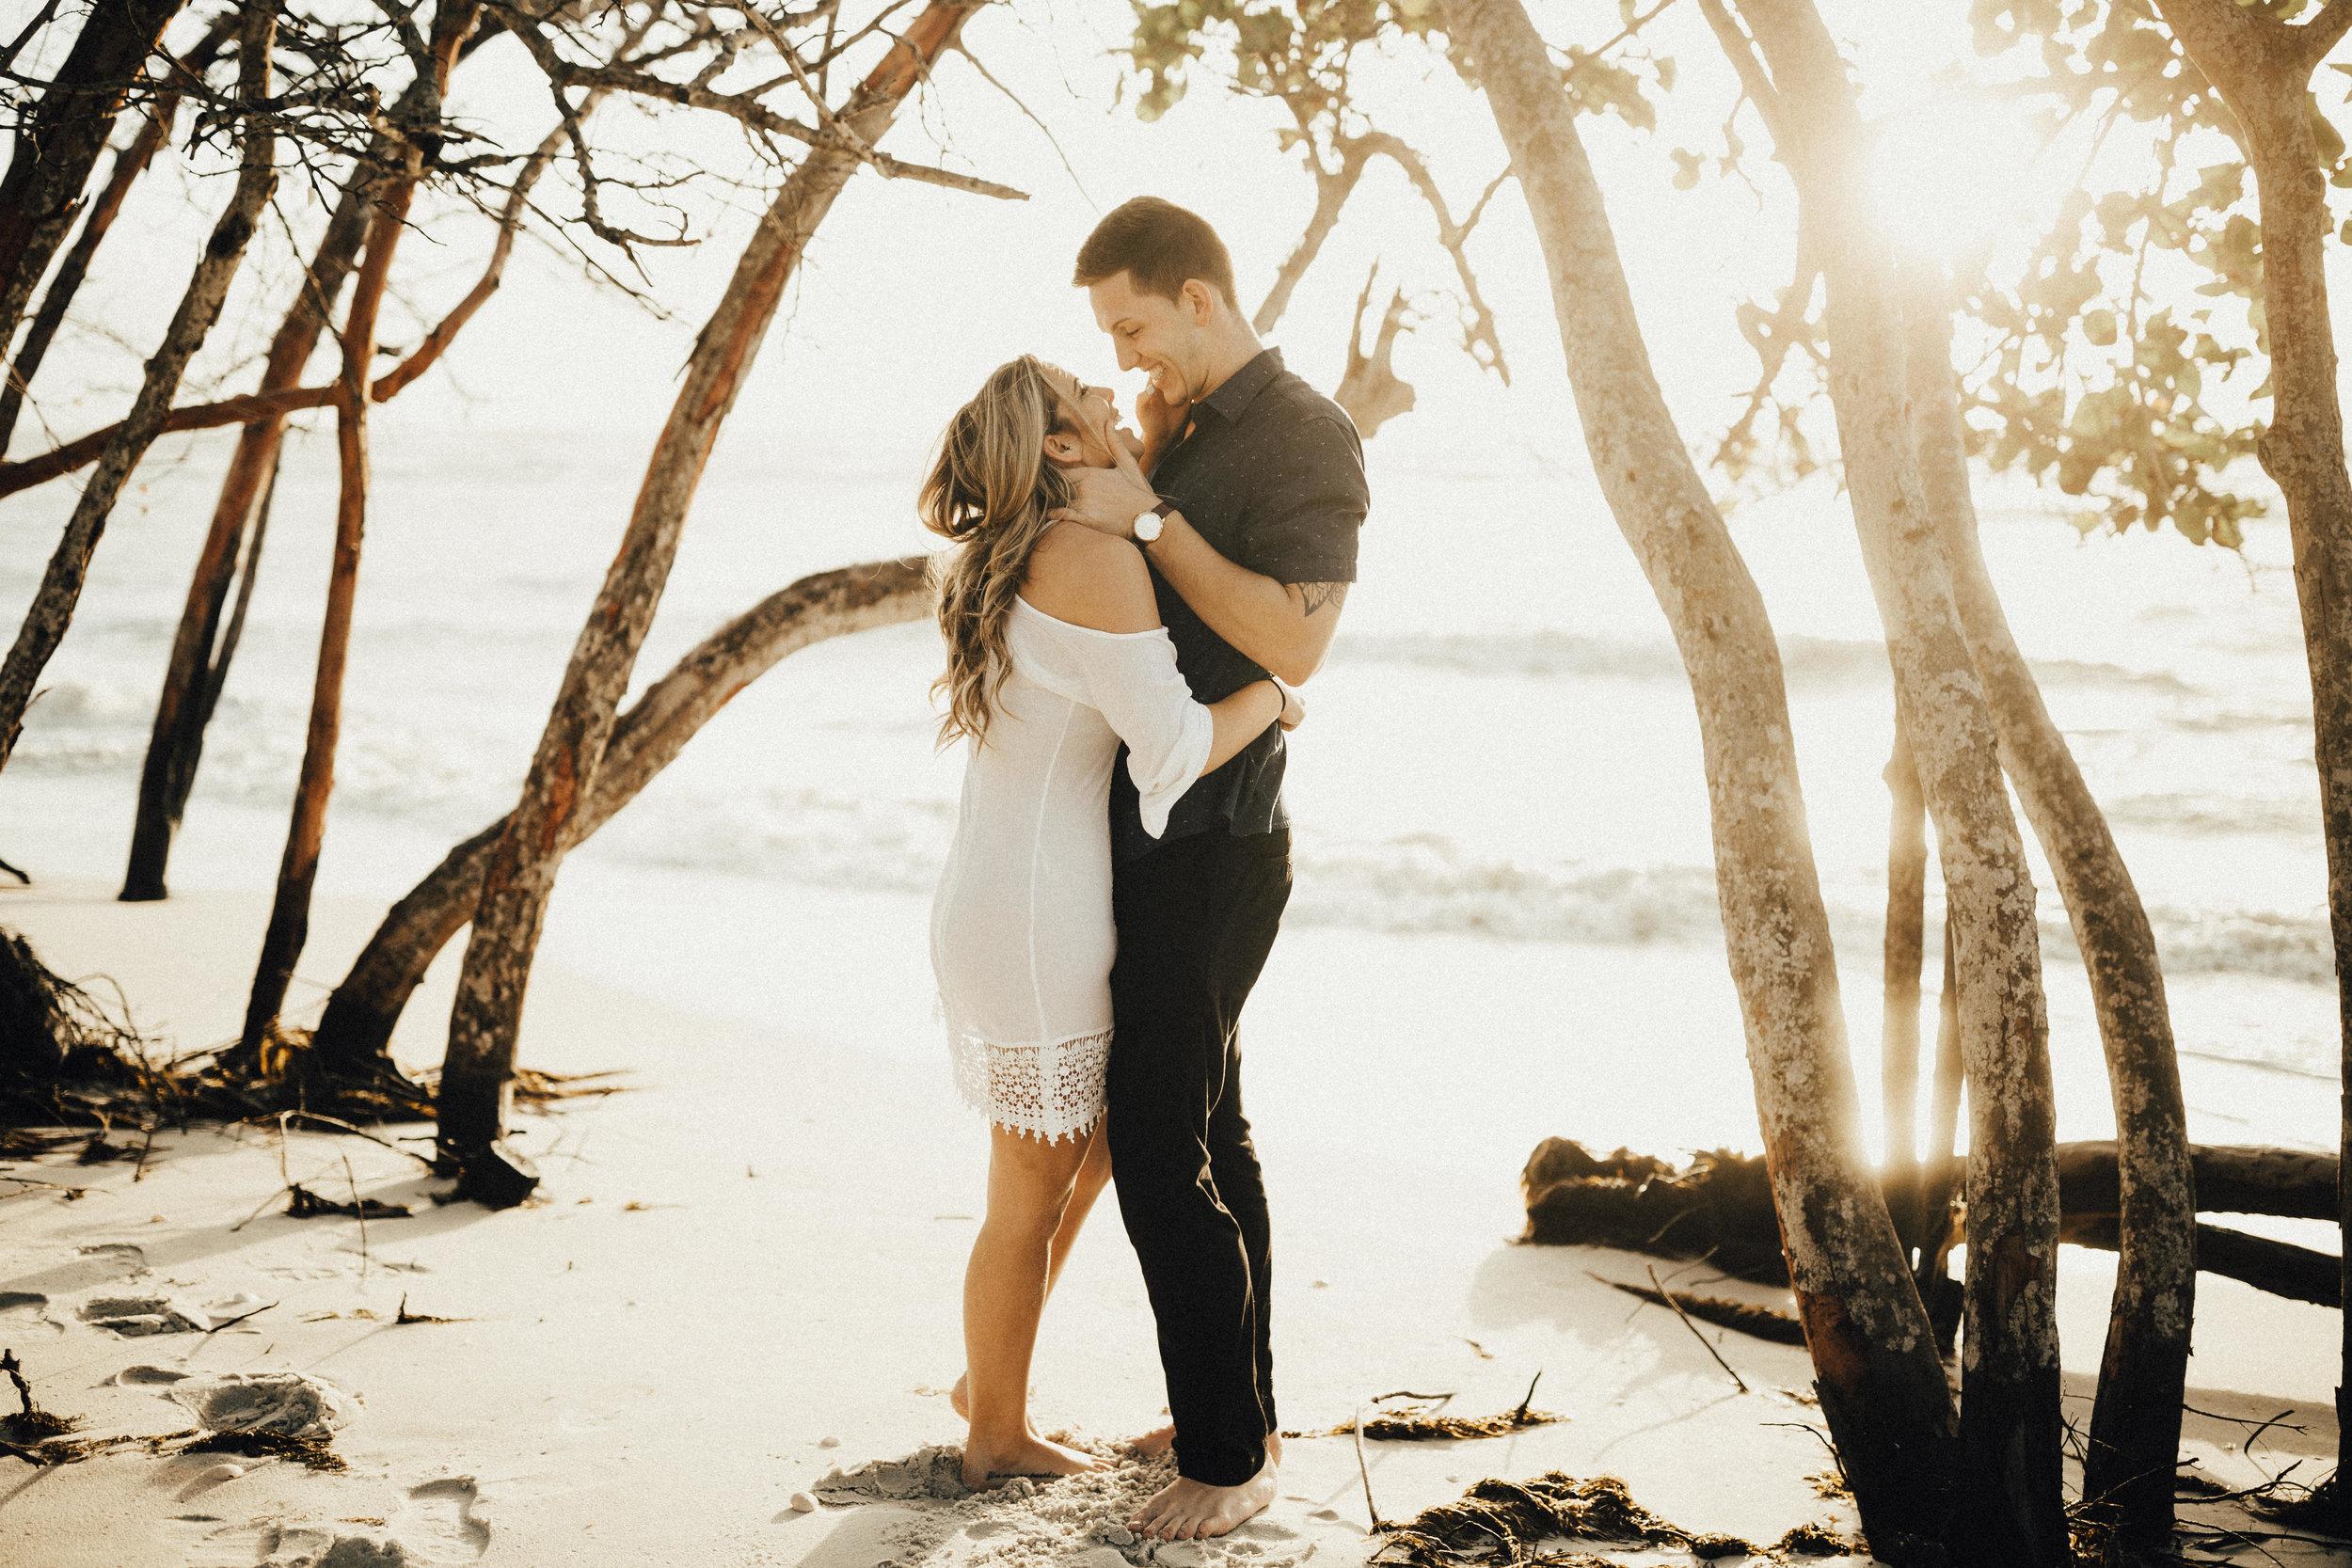 honolulu-hawaii-wedding-photographer--17.jpg